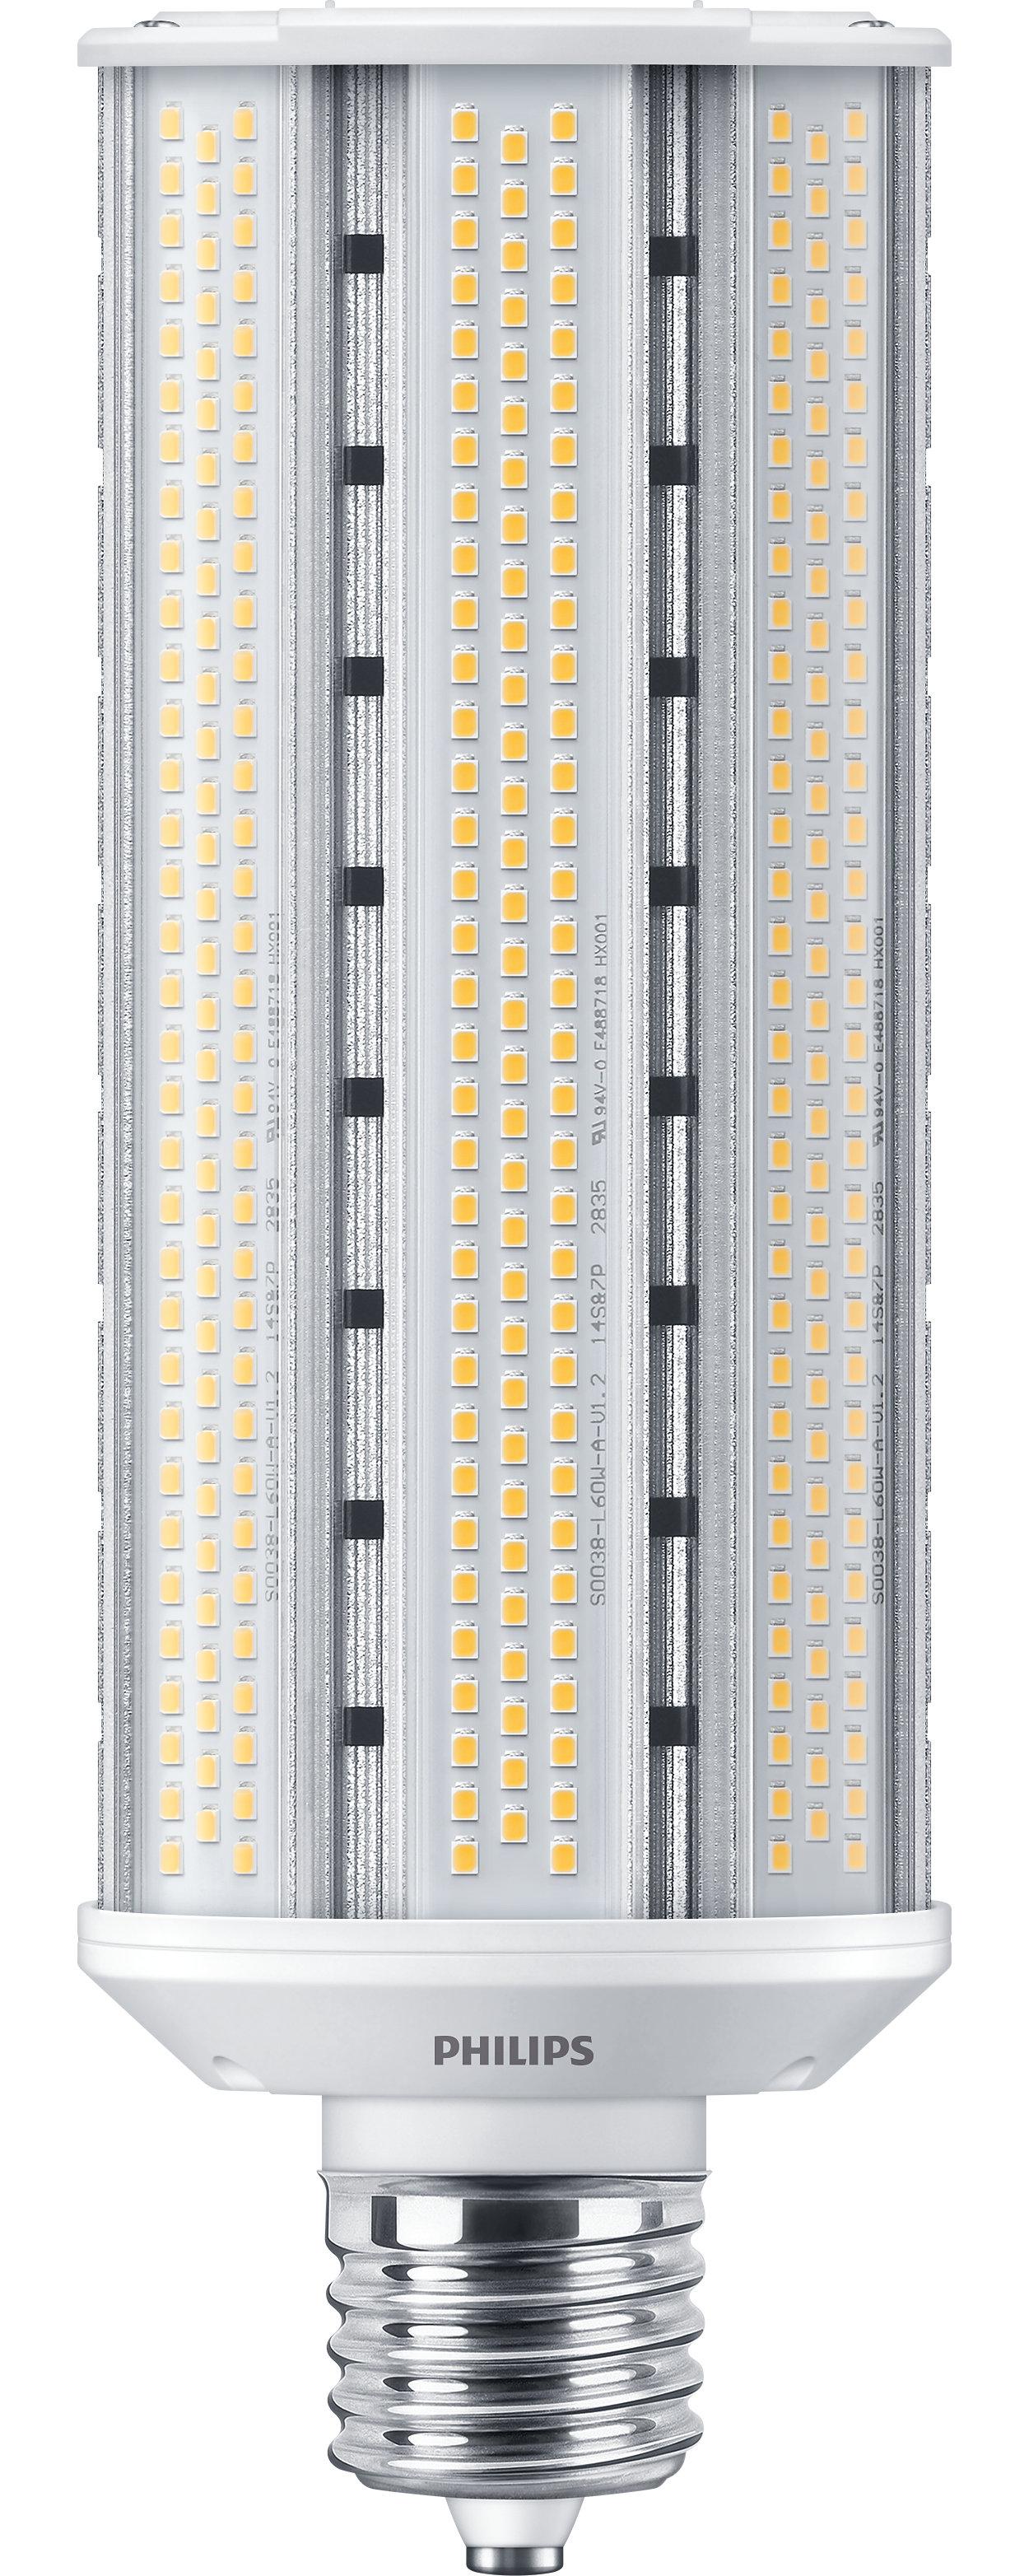 Lampe DEL professionnelle pour remplacer les lampes à décharge à haute intensité, modernisation instantanée, économies instantanées.